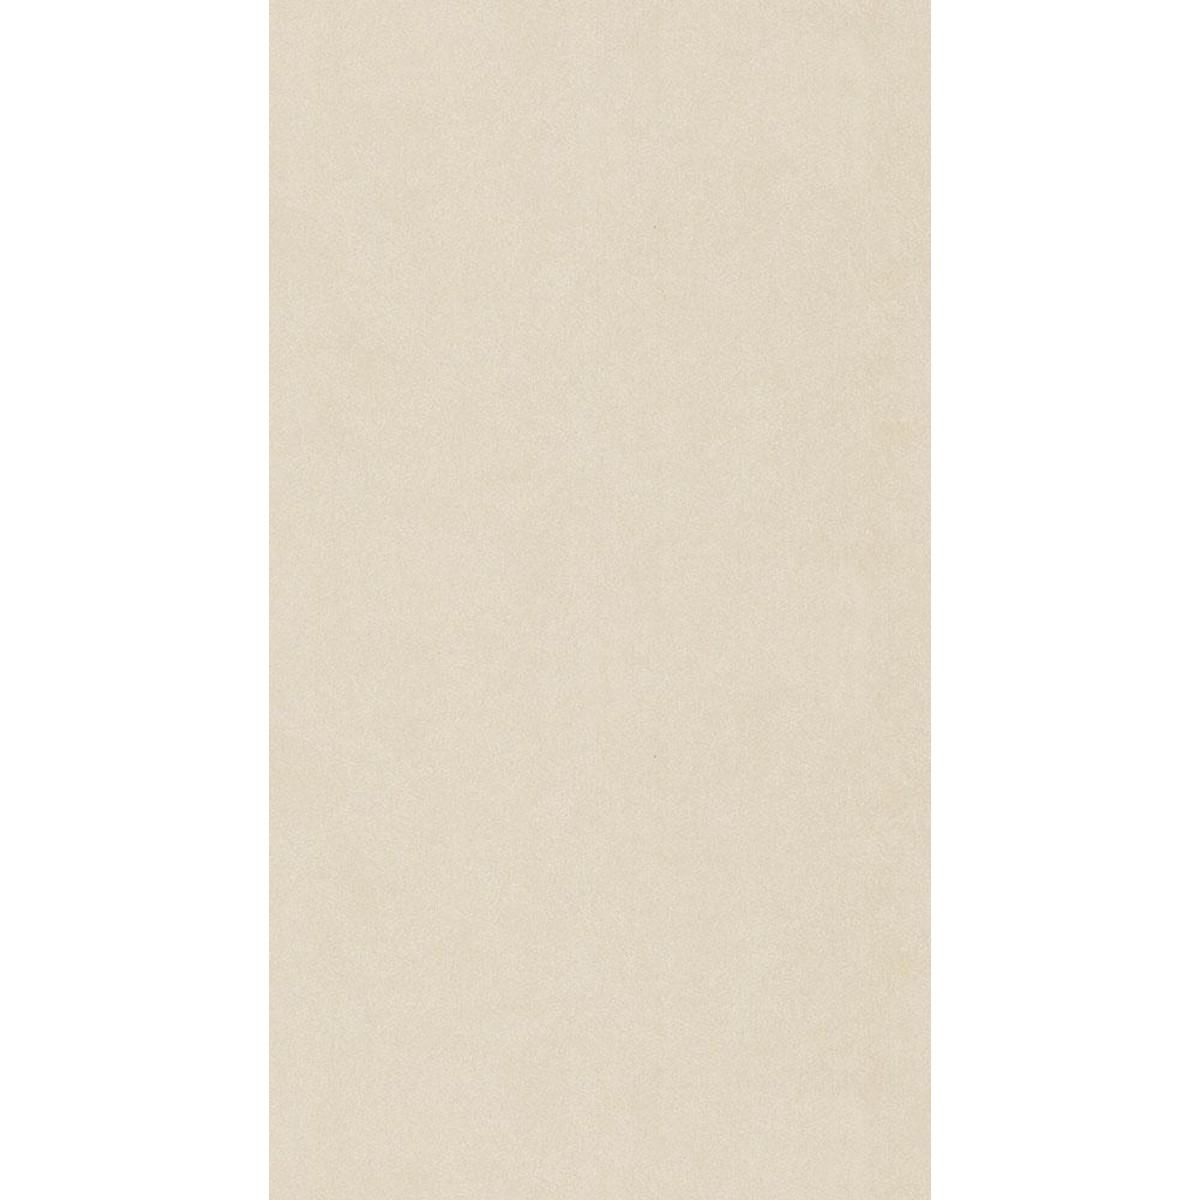 Обои флизелиновые Мир Авангард желтые 1.06 м 45-232-05